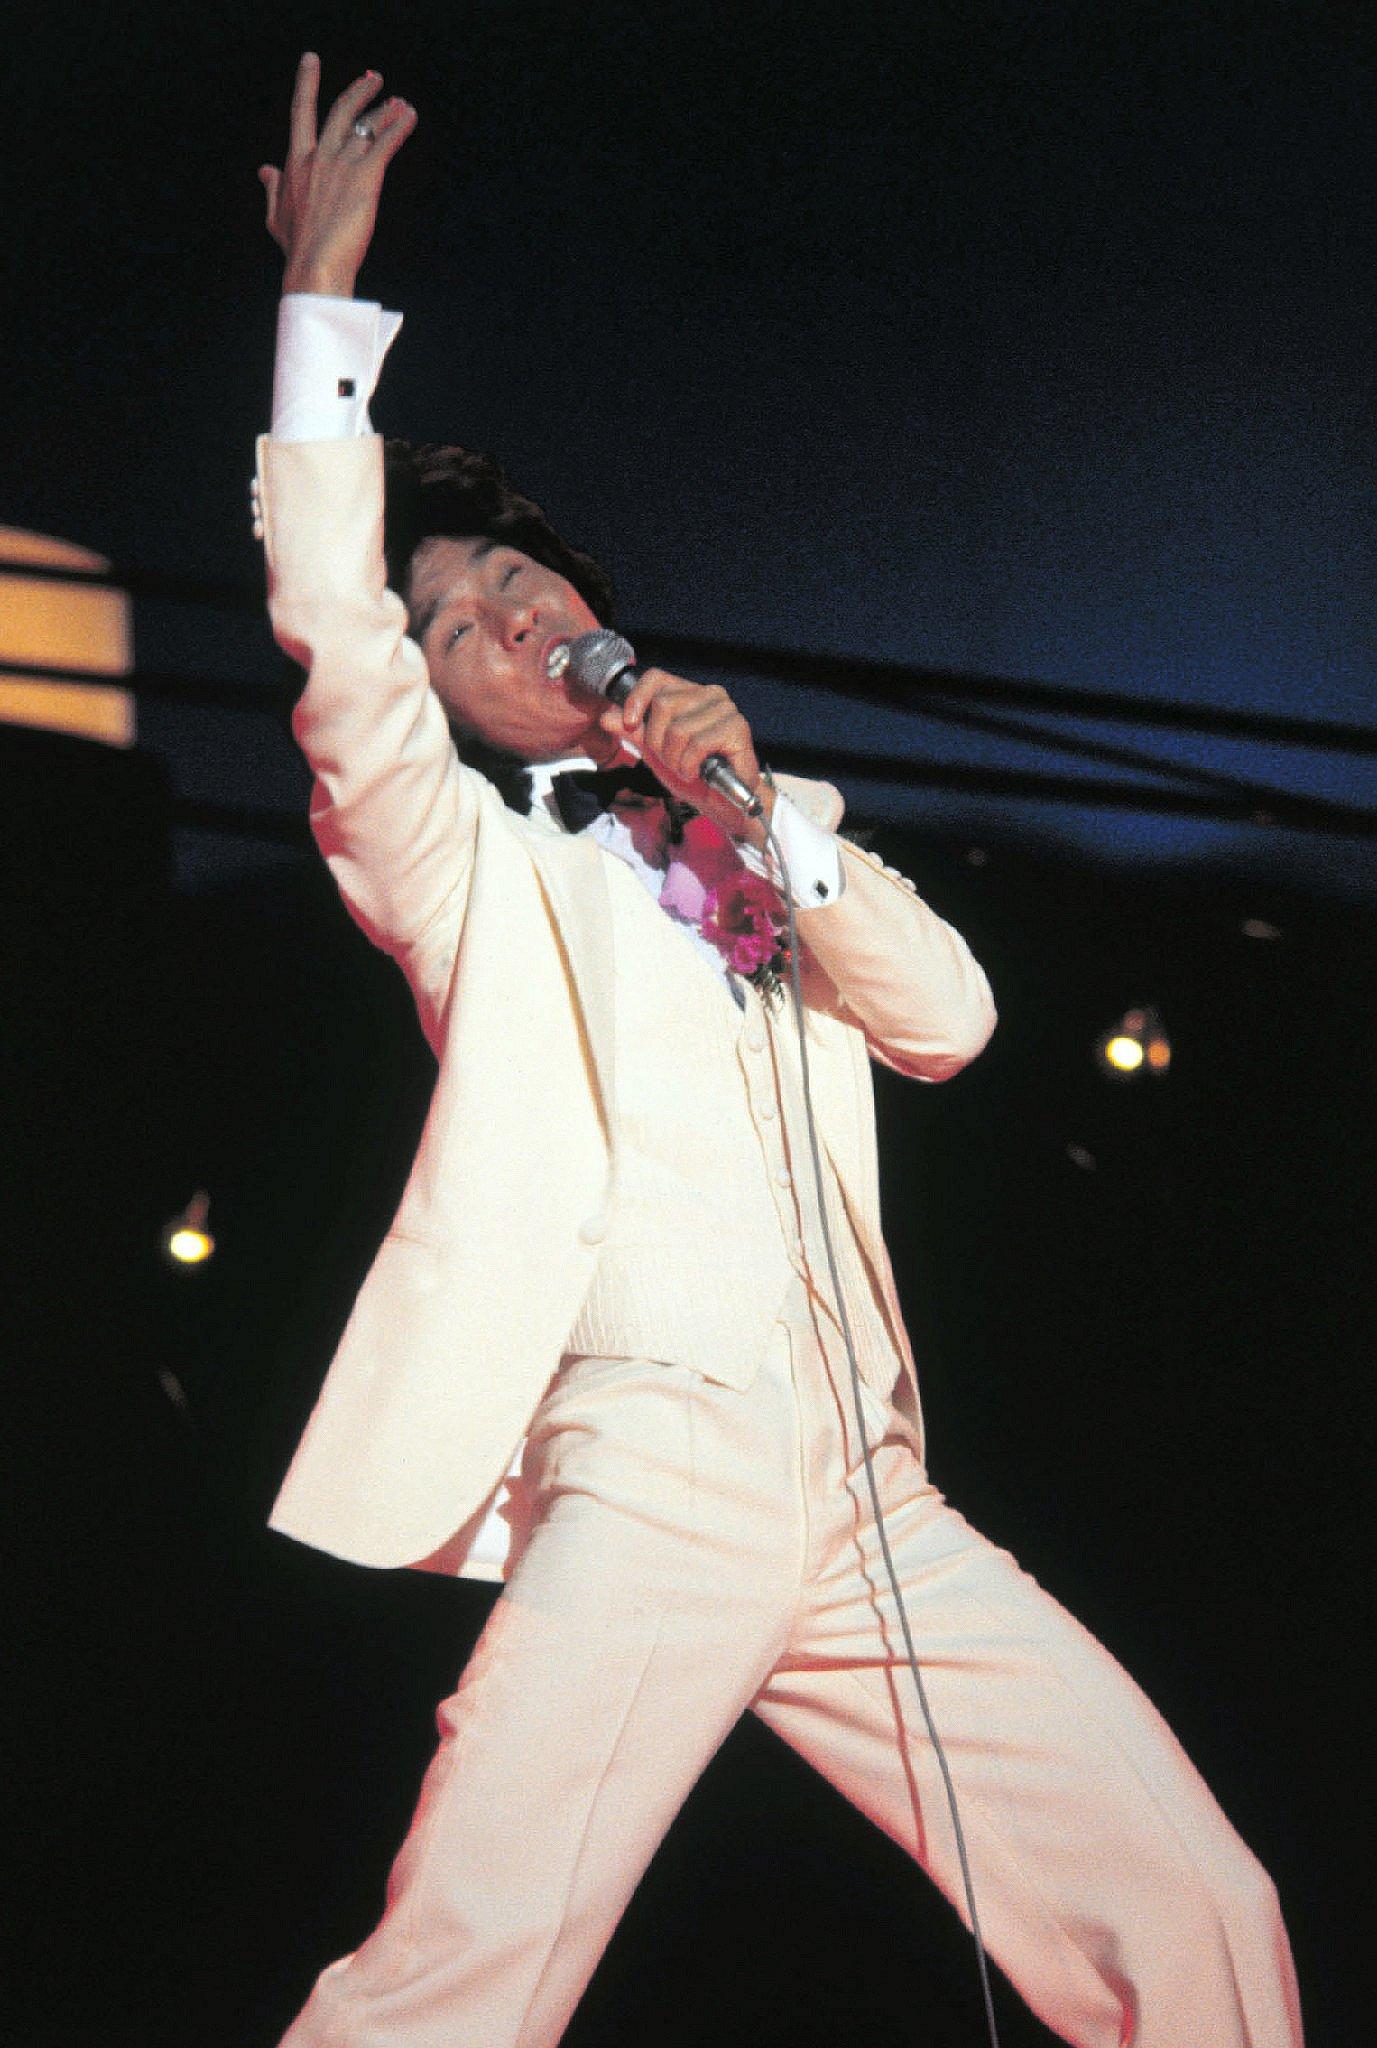 日本武道館で行われた東京音楽祭世界大会で熱唱する西城秀樹さん(78年6月、時事)